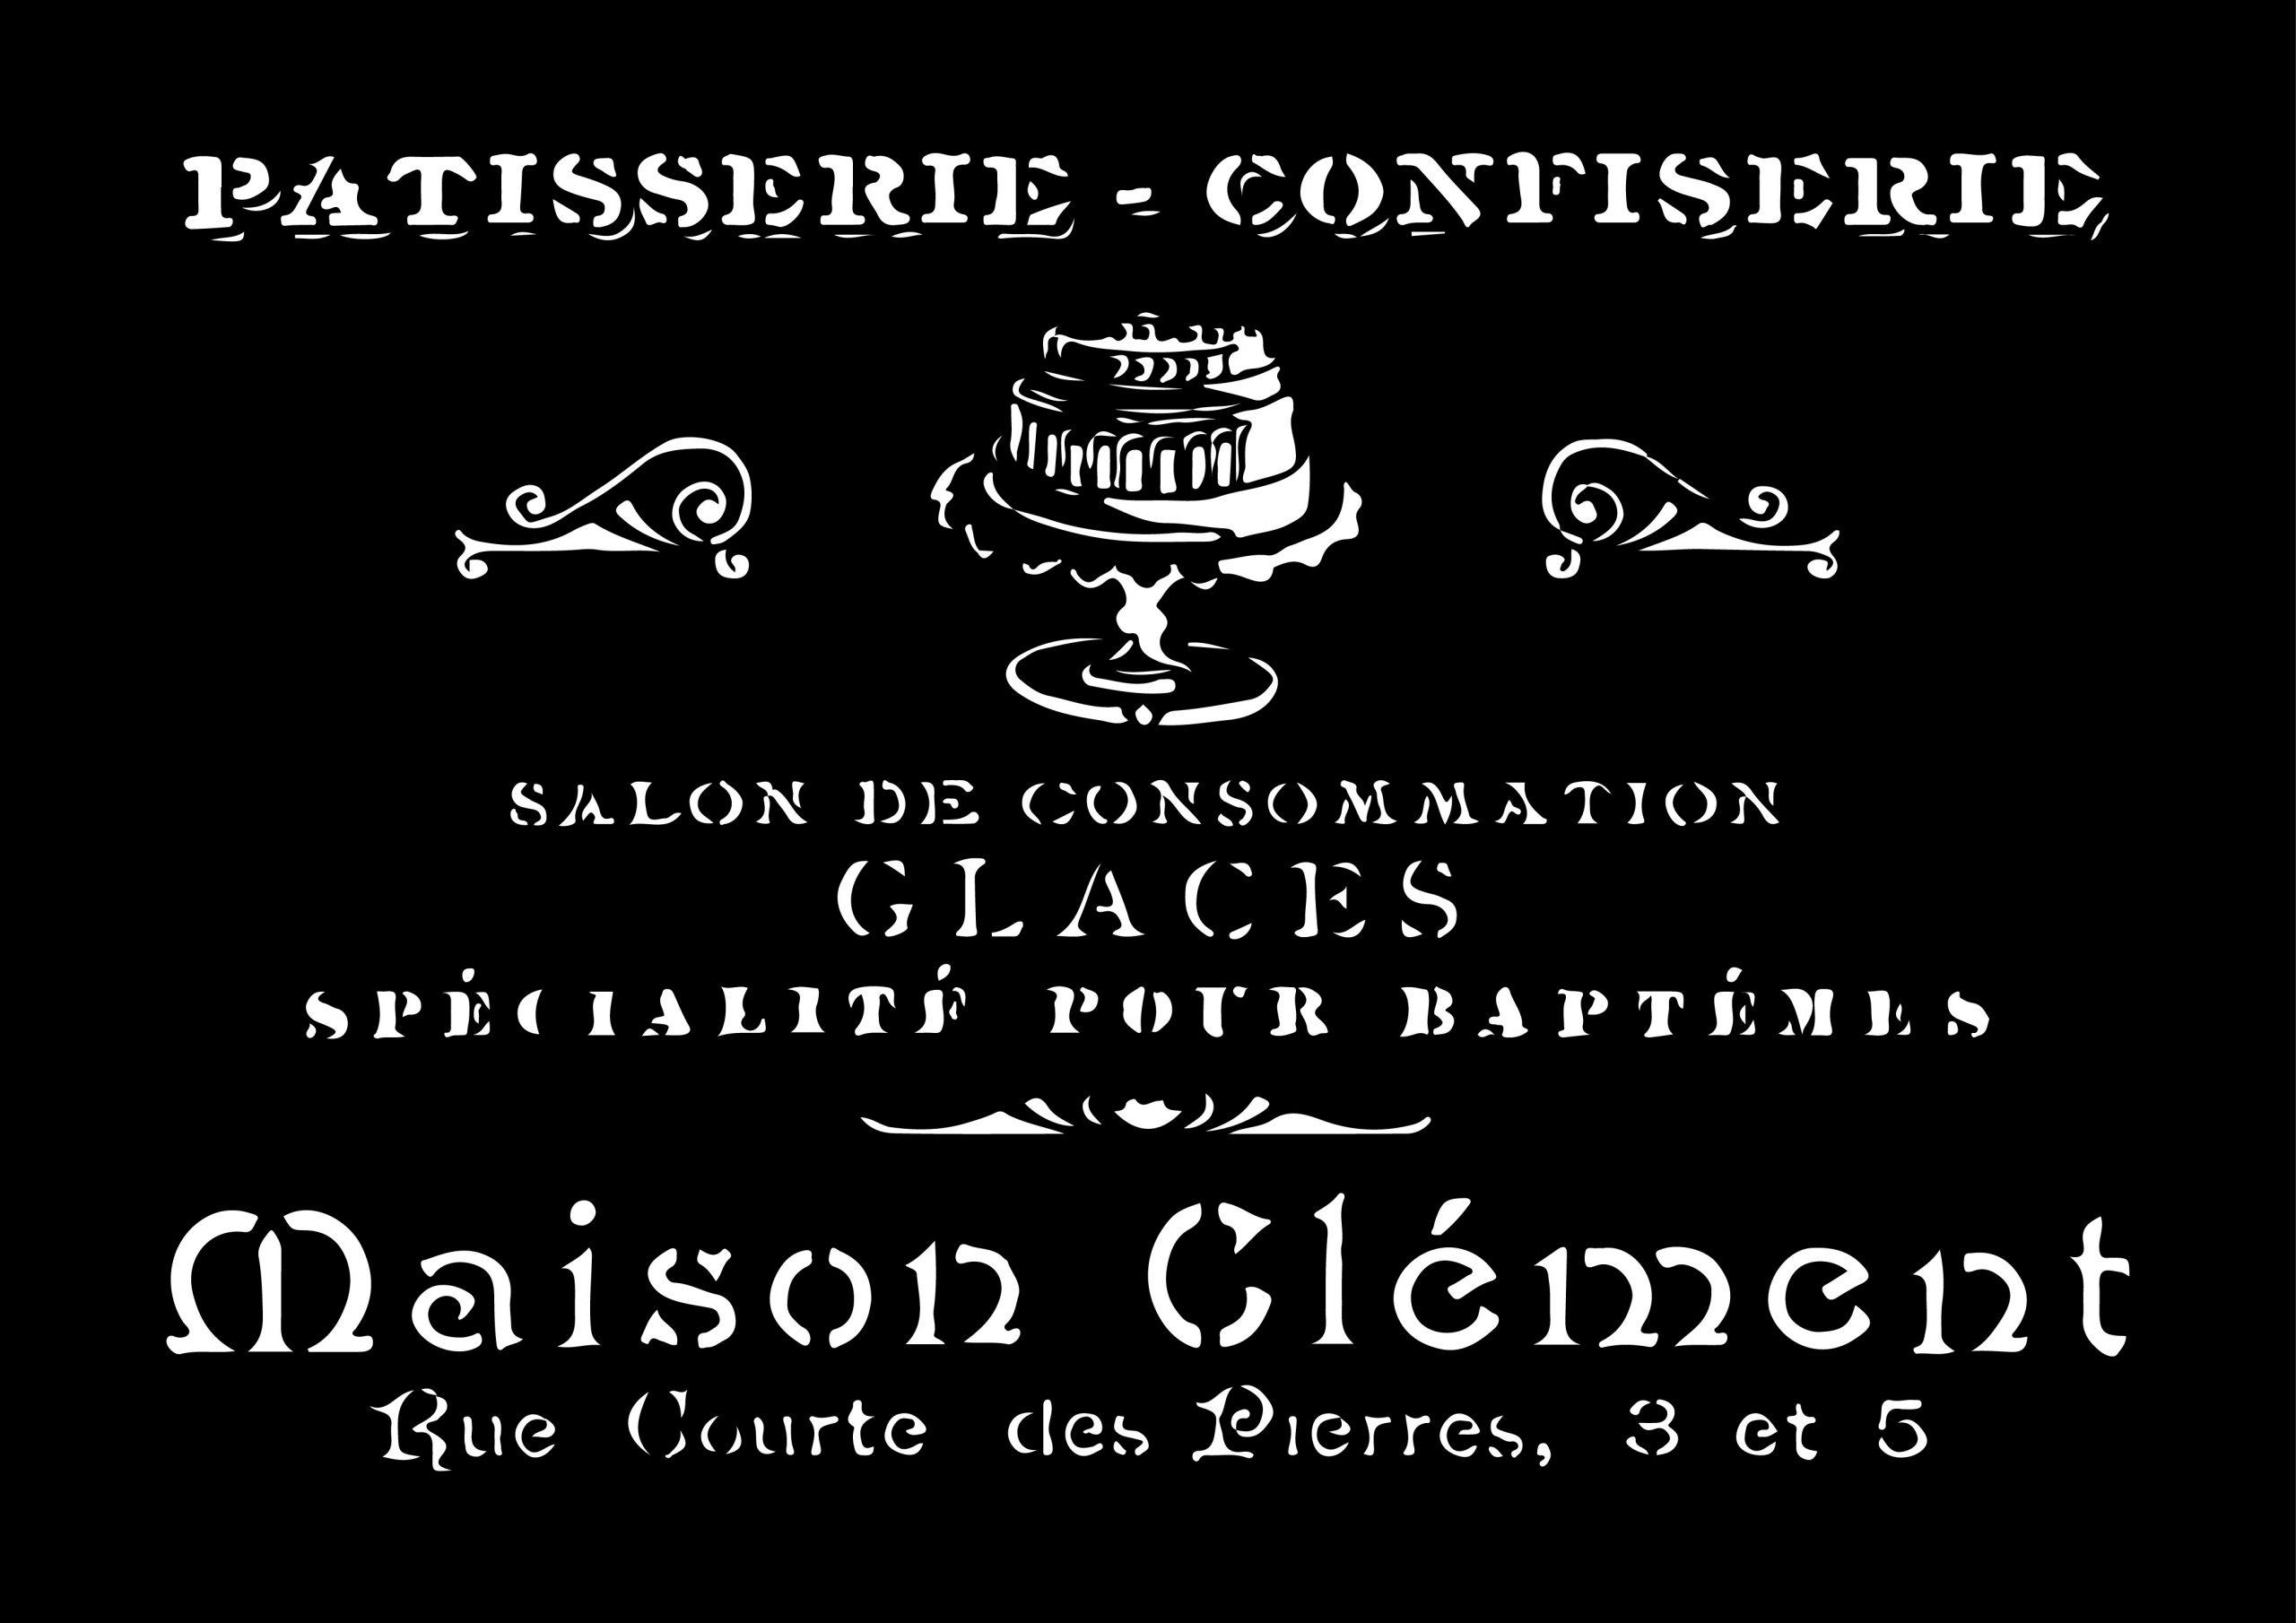 Maison Clement - 4